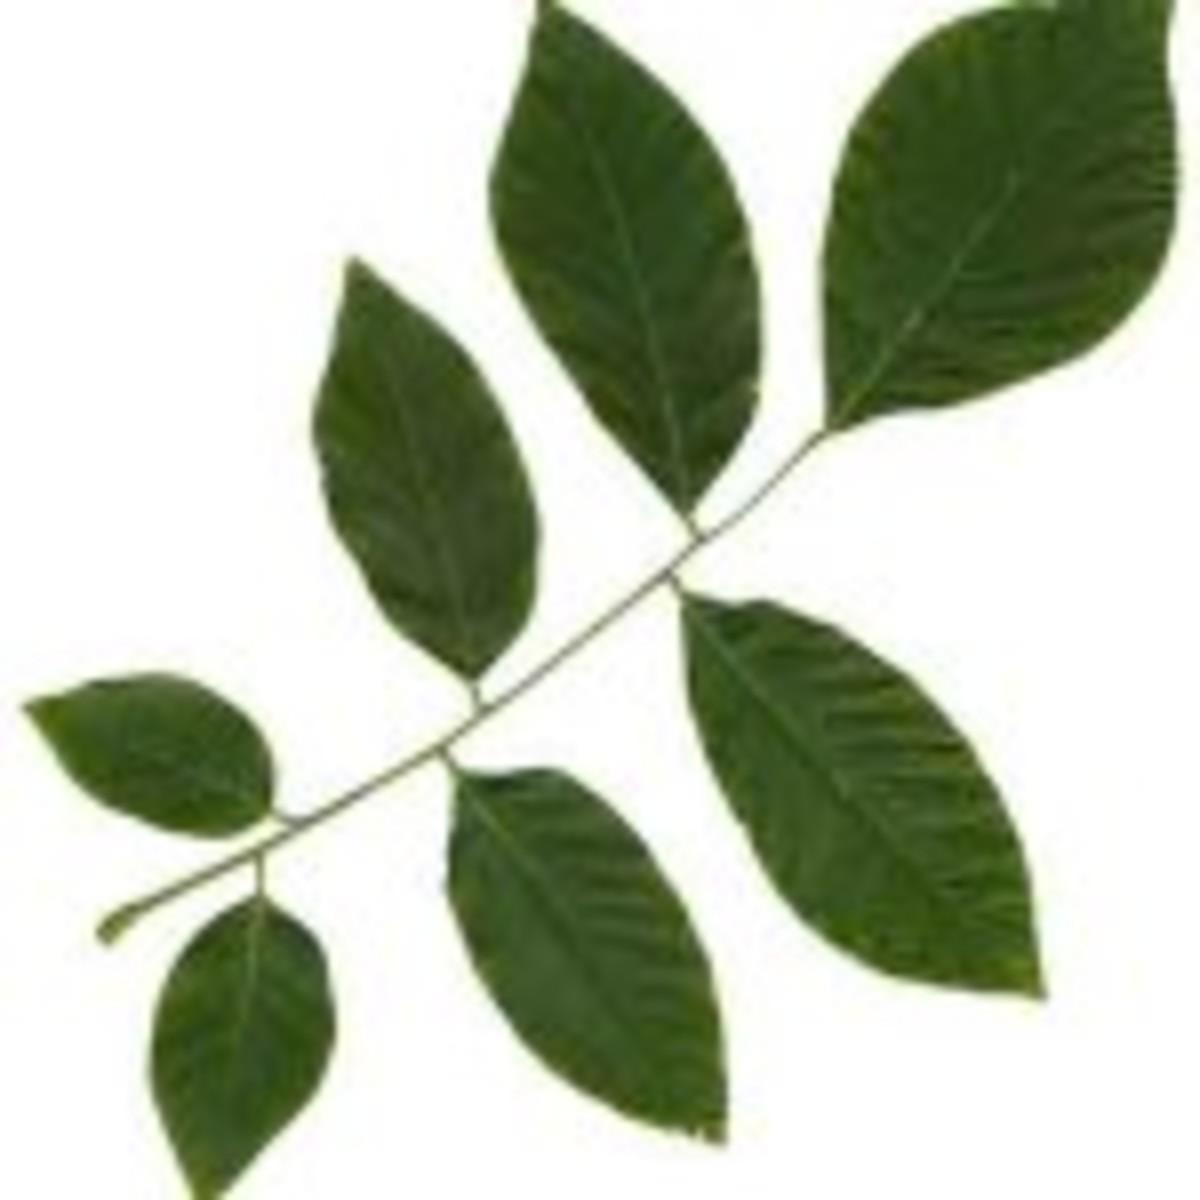 yellowwood compound leaf